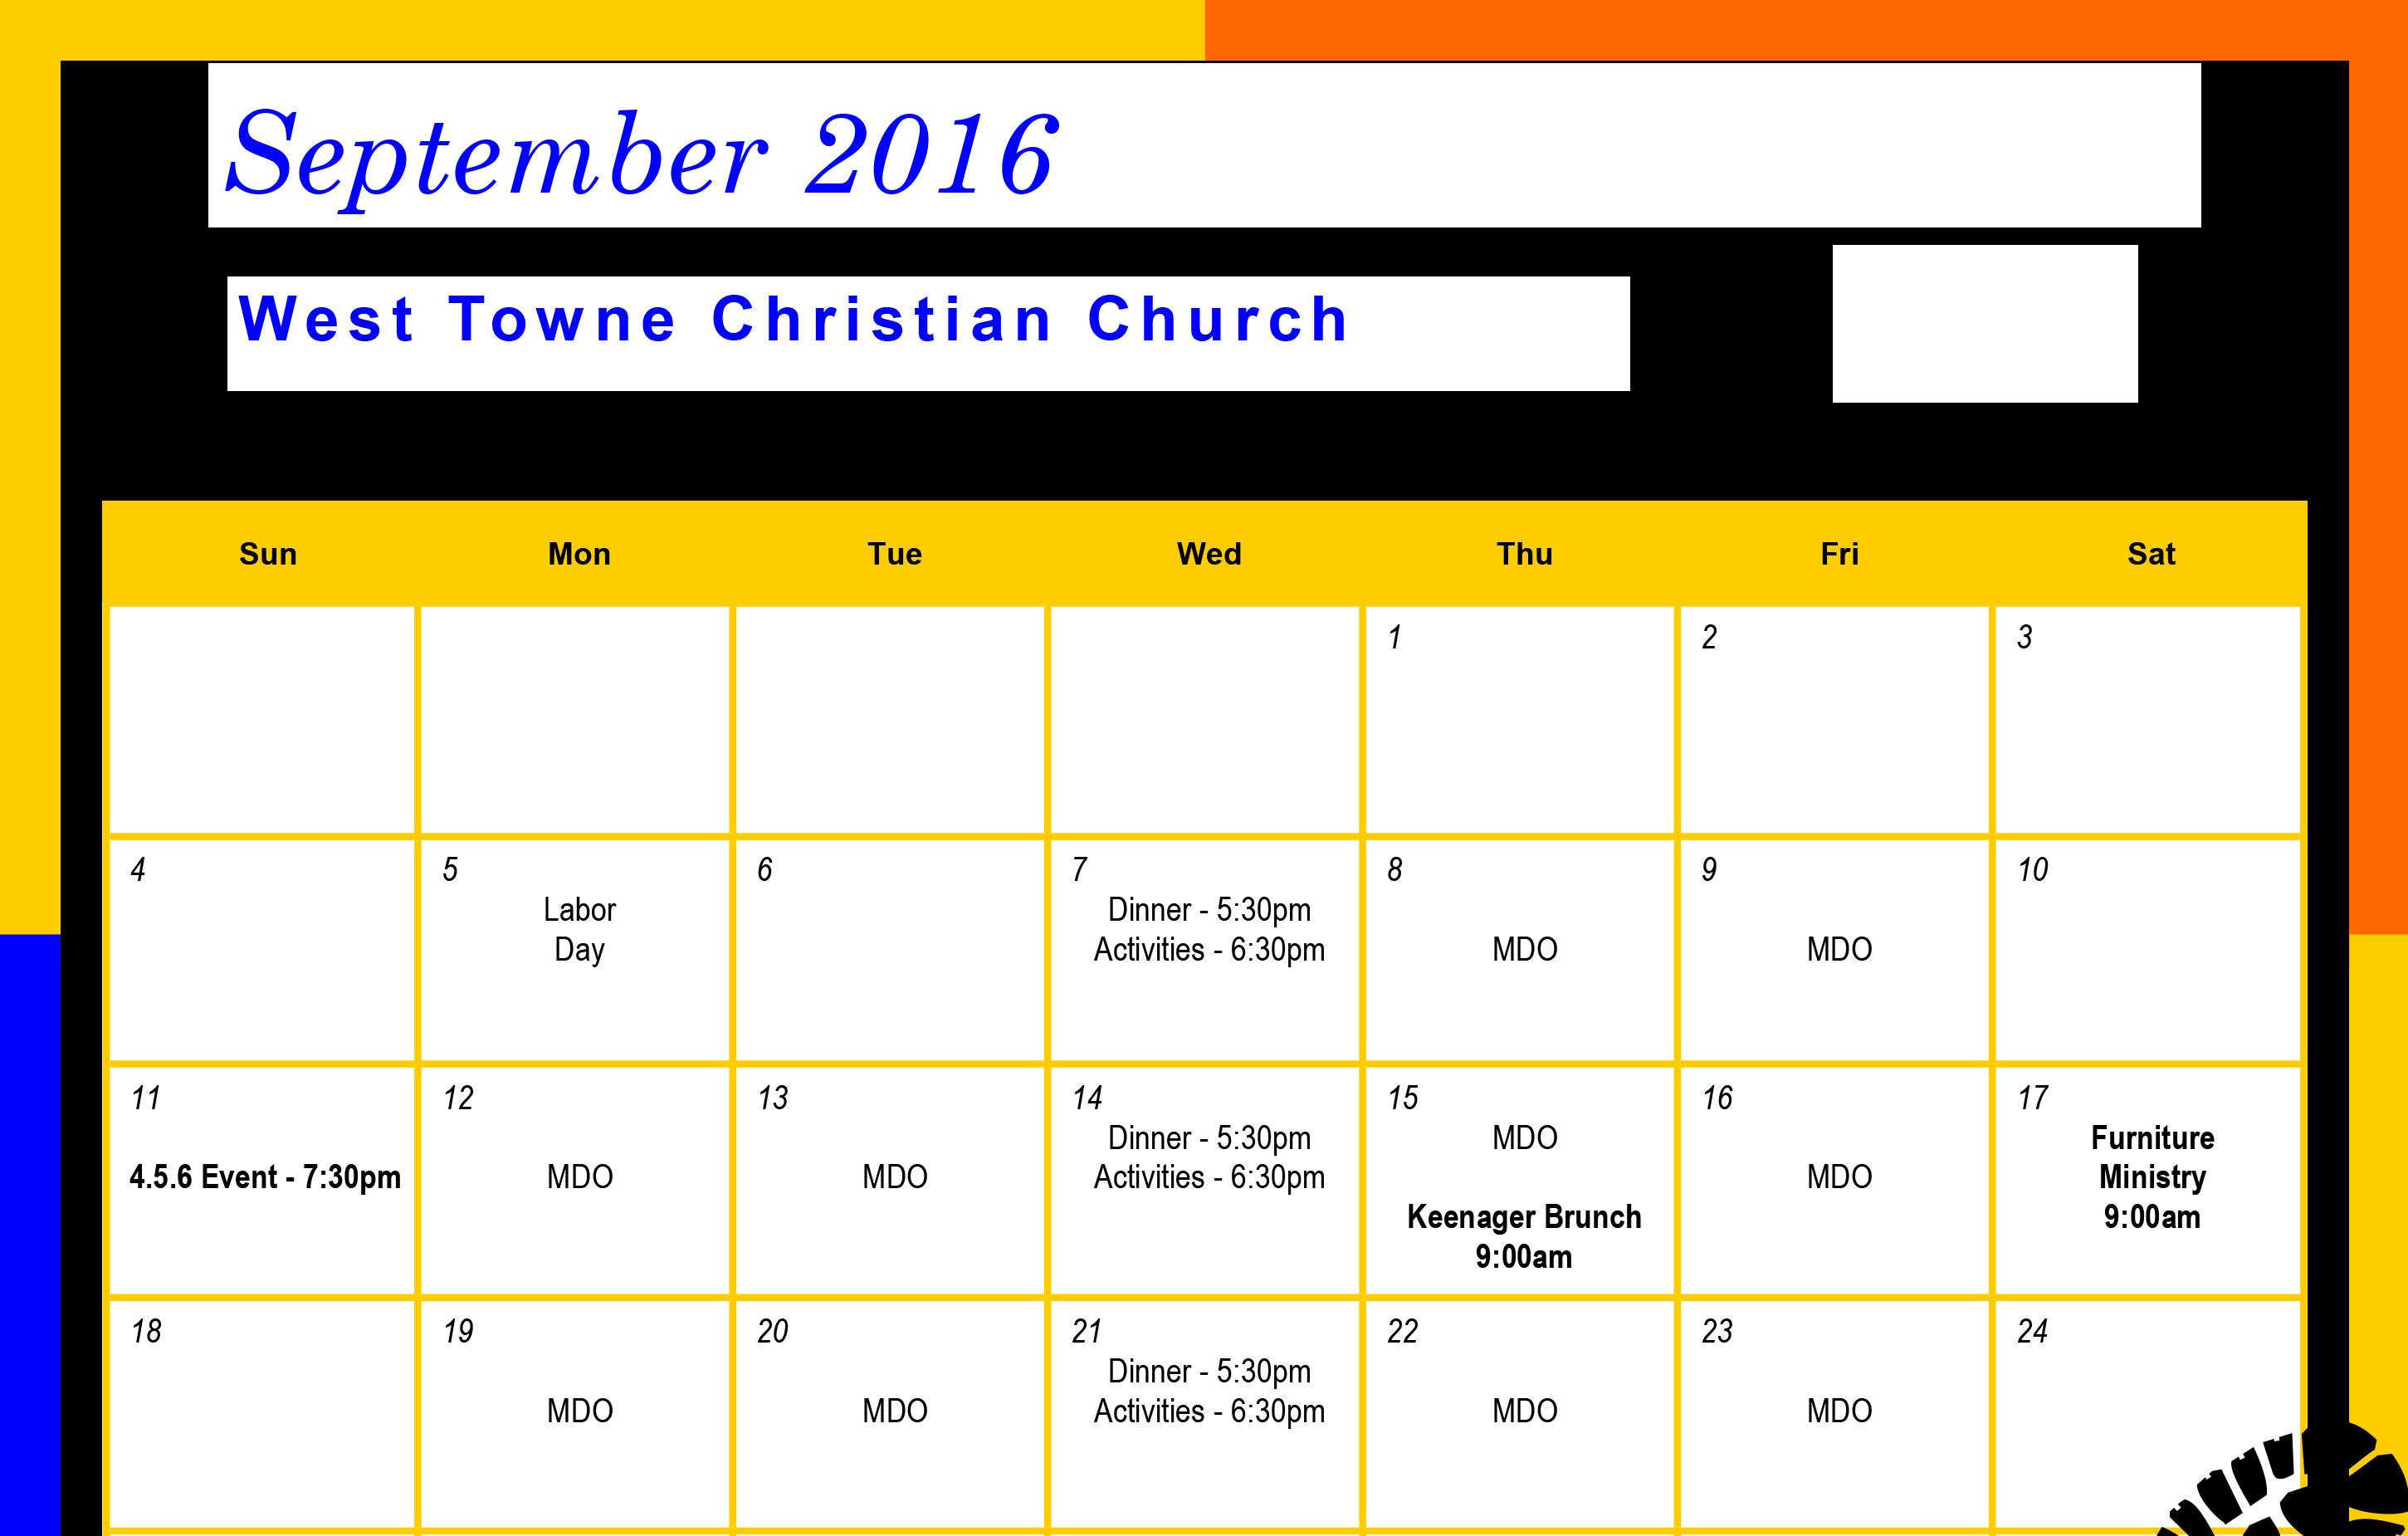 Clipart calendar october 2016 jpg transparent download Index of /wp-content/uploads/2016/09 jpg transparent download